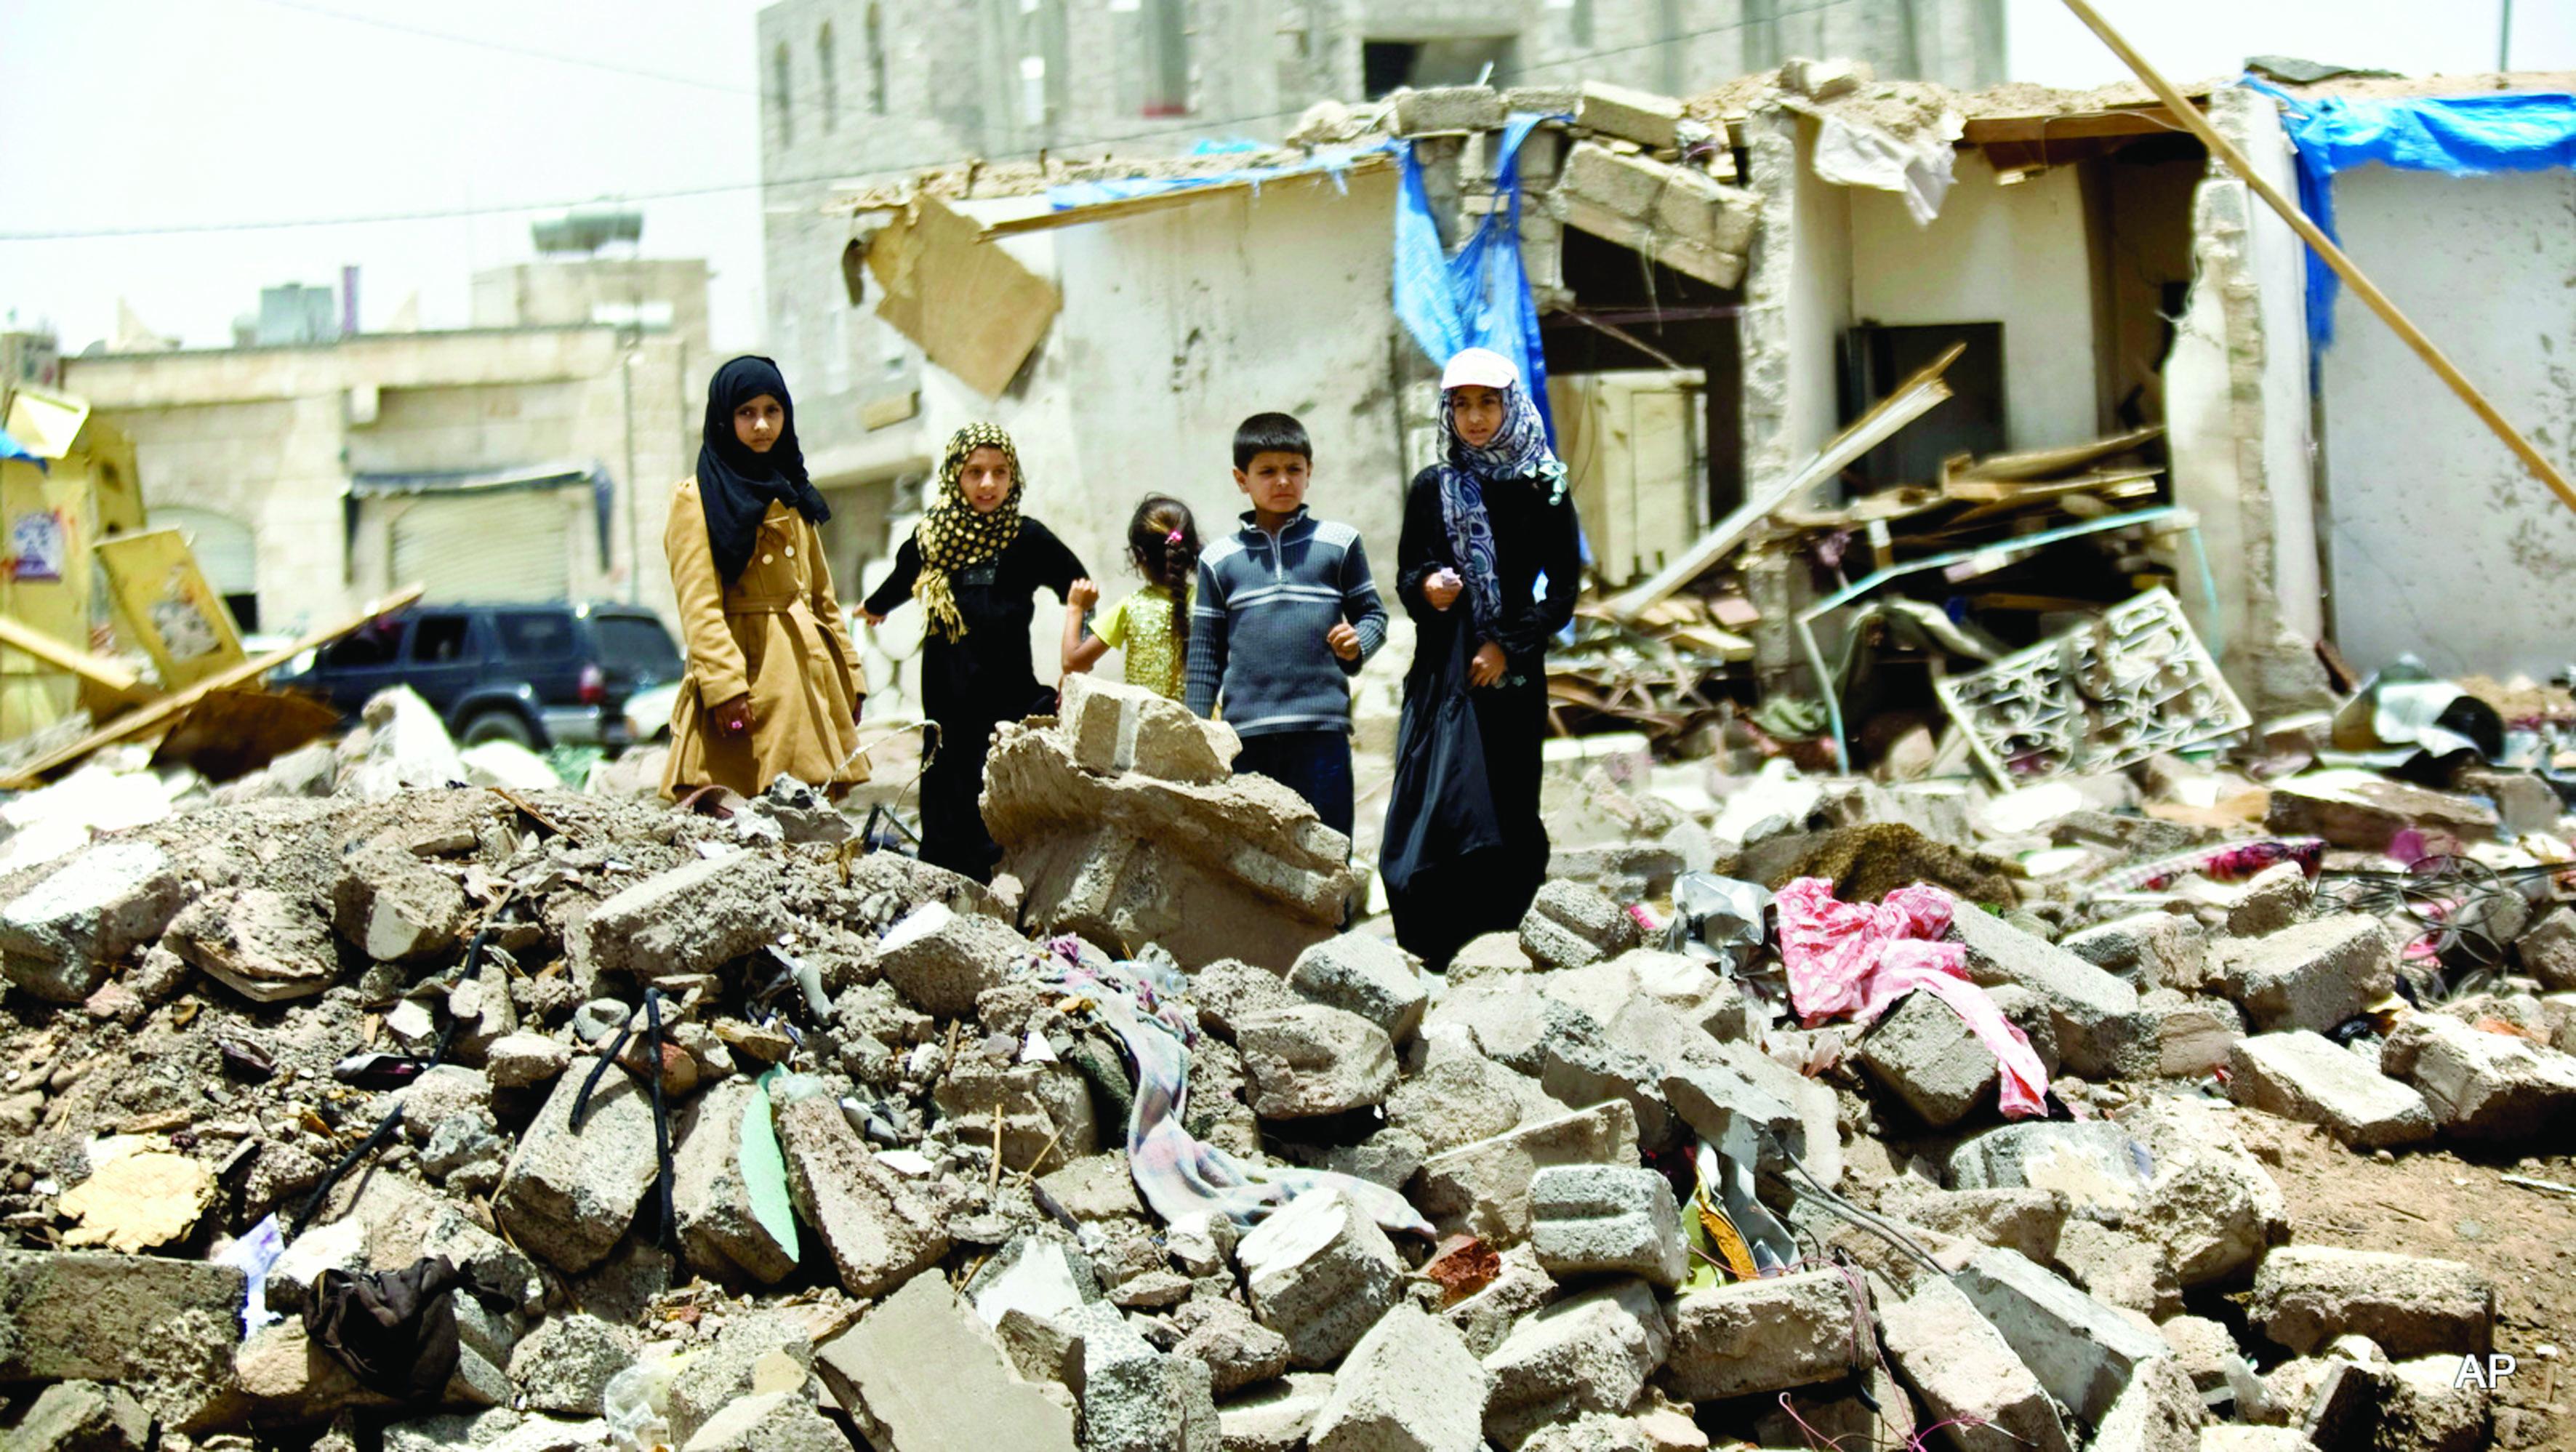 حديث الهدنة لا يوقف الحرب في اليمن